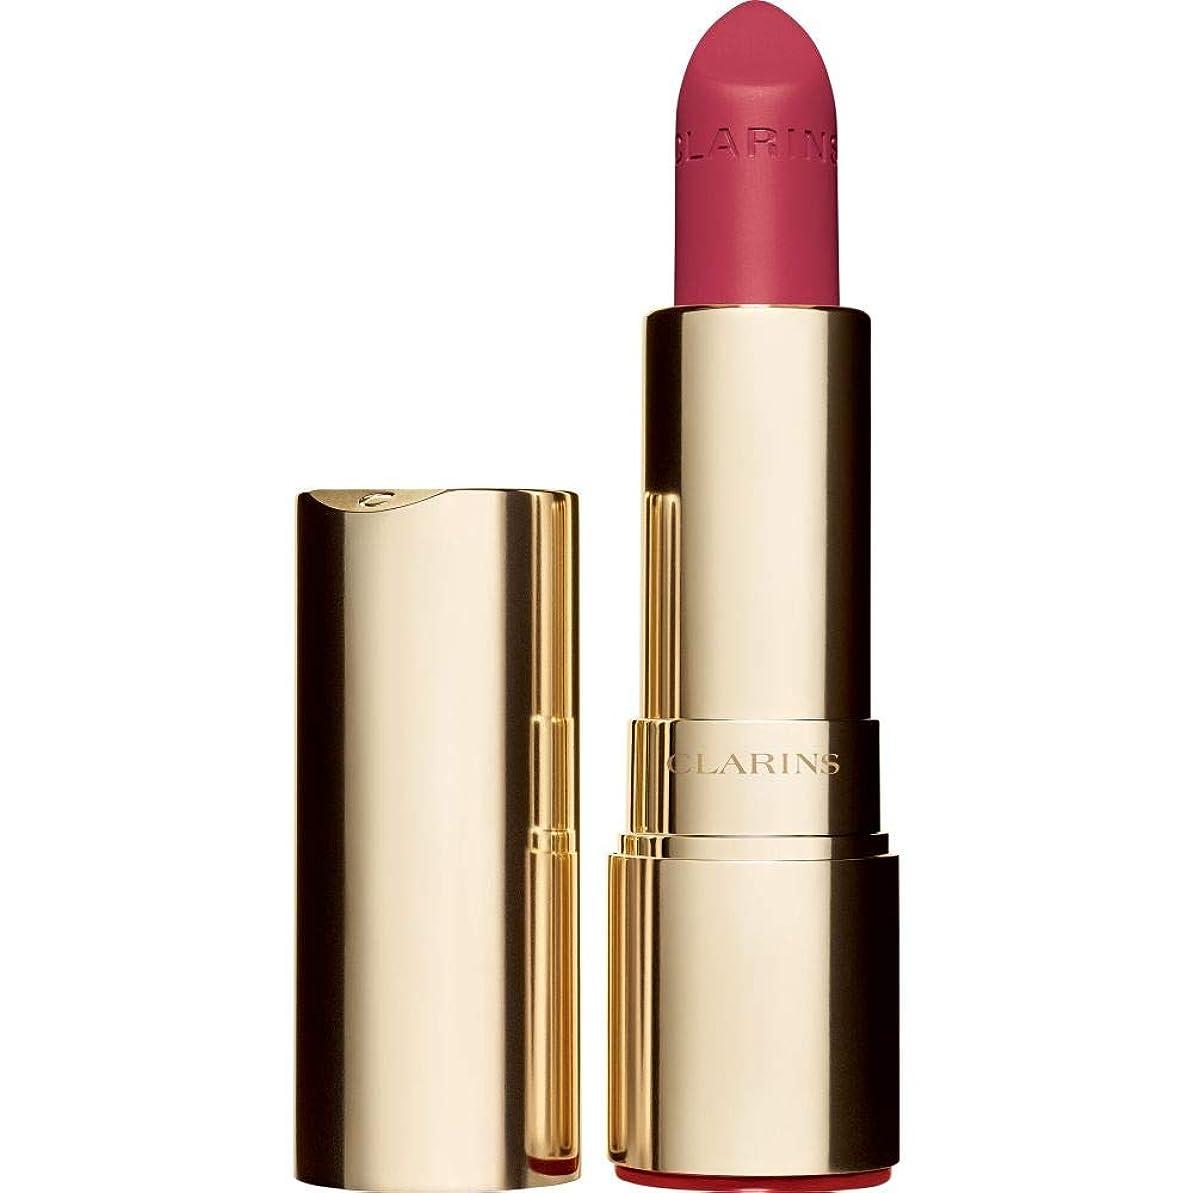 あえて来て対抗[Clarins ] クラランスジョリルージュのベルベットの口紅3.5グラムの756V - グアバ - Clarins Joli Rouge Velvet Lipstick 3.5g 756V - Guava [並行輸入品]